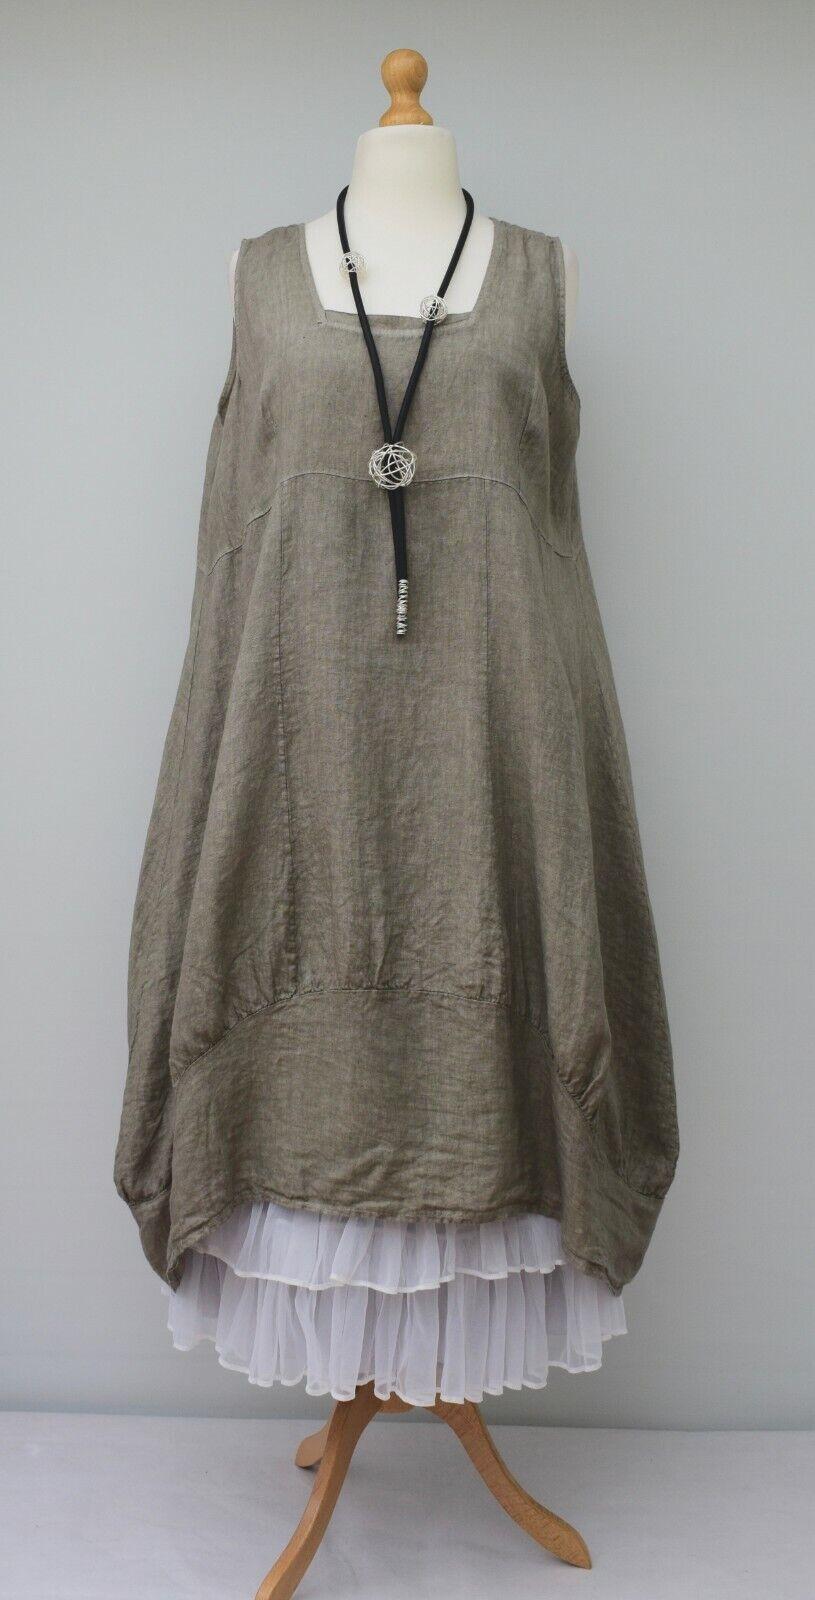 Übergröße Leinen Einfarbig 2 Taschen Langes Kleid  Taupe  XL-XXL 52-54